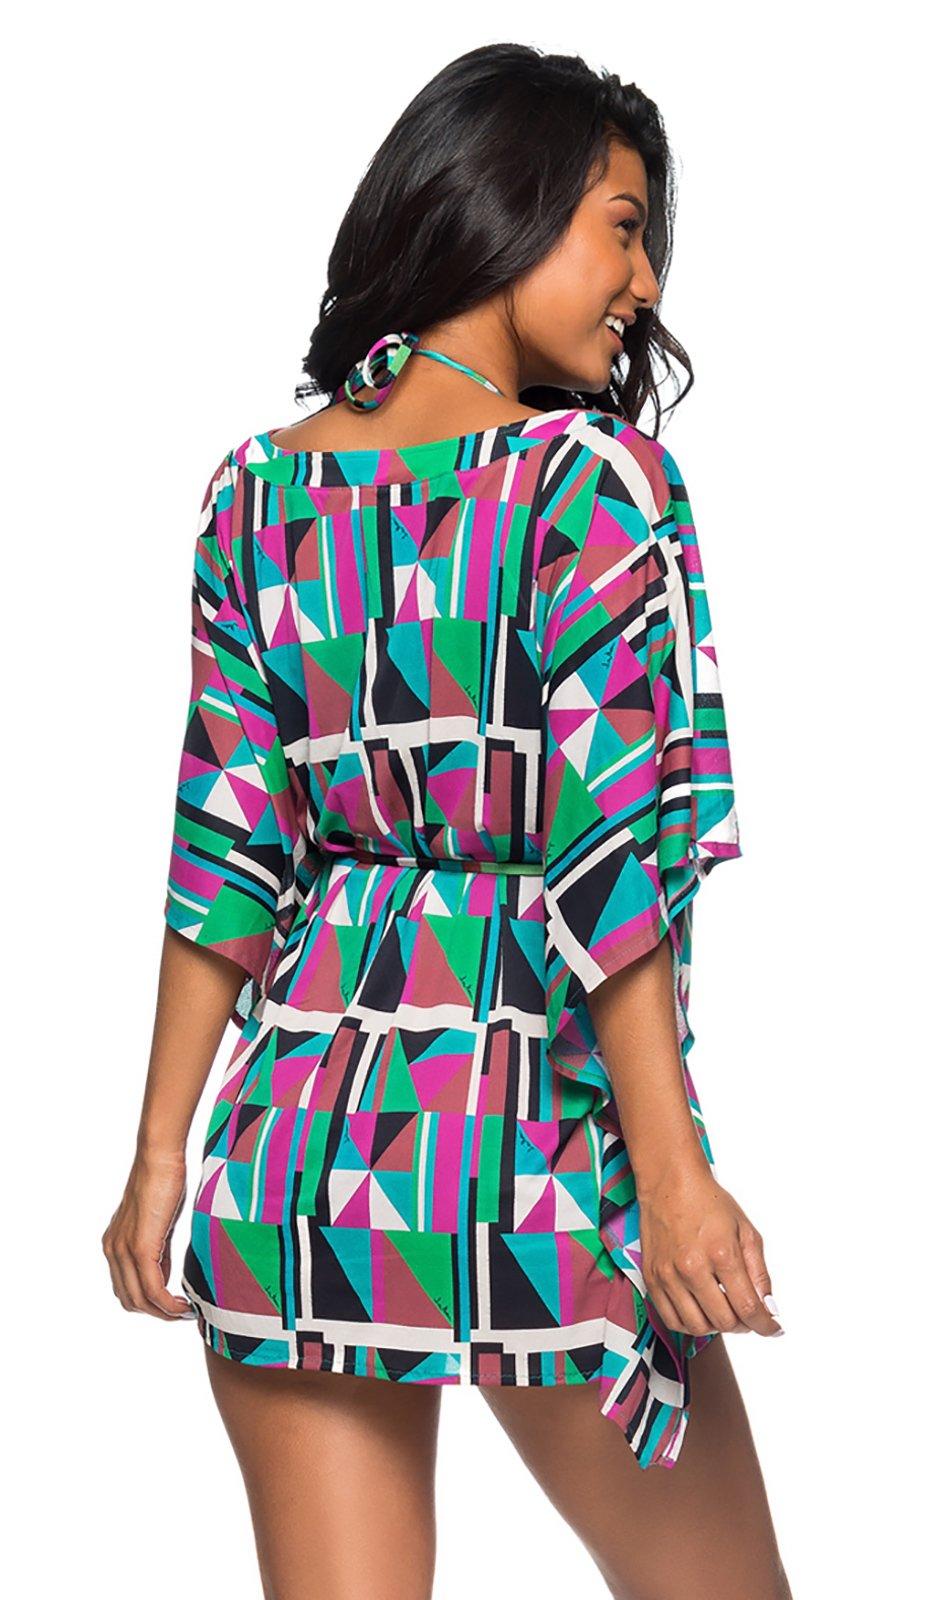 69a4d7169e67f Colorful Geometric Caftan Style Beach Dress - Rolote Delaunay - Lua ...